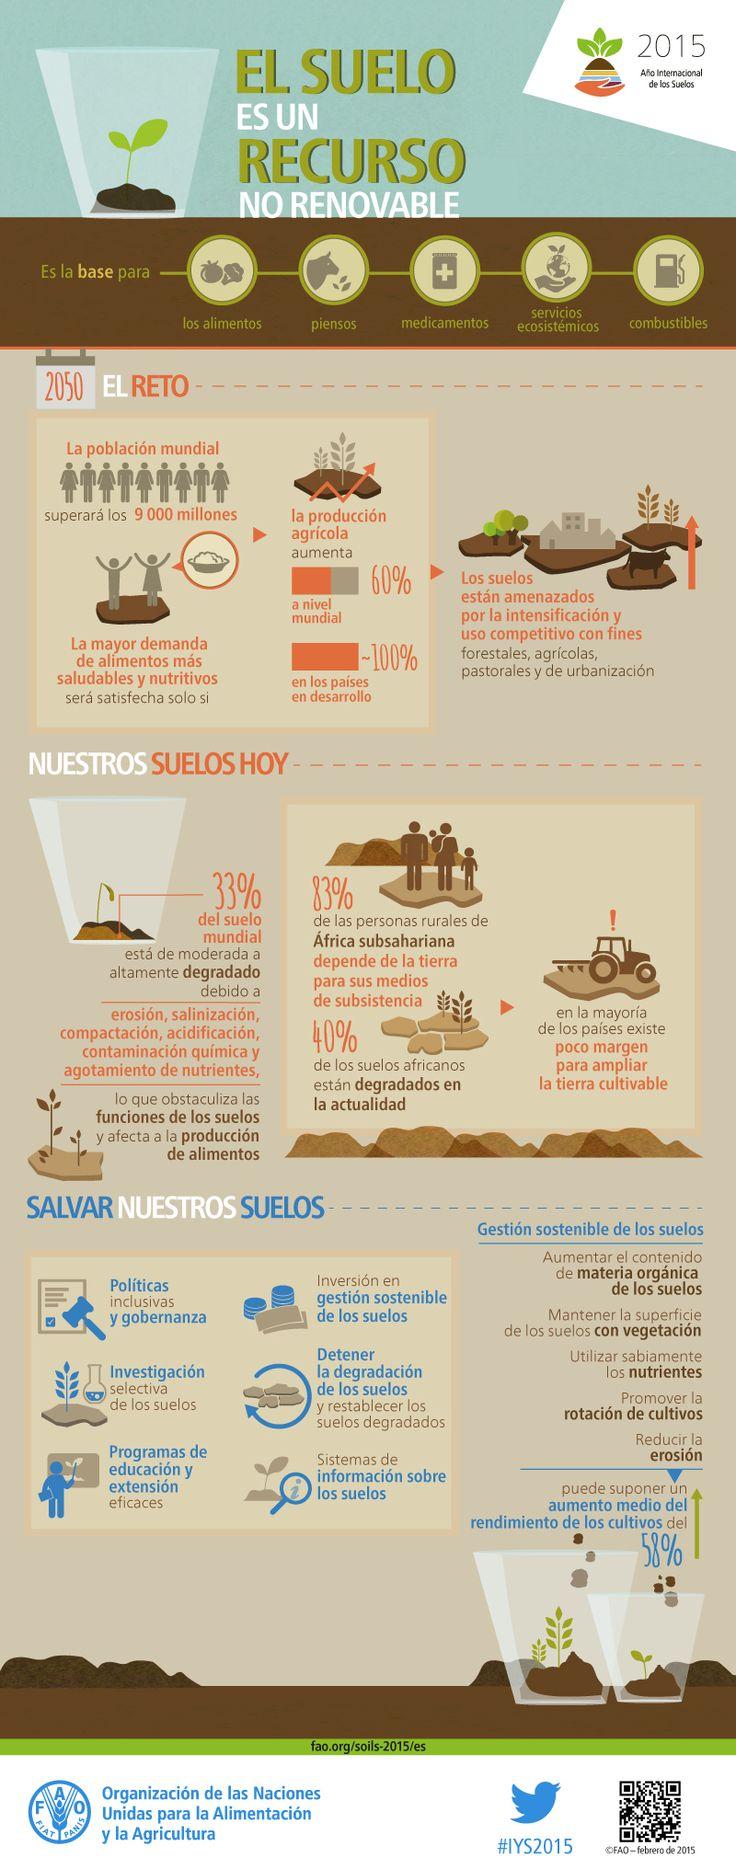 Infografía: El suelo es un recurso no renovable -  Su conservación es esencial para la seguidad alimentaria y nuestro futuro sostenible. El suelo es un recurso finito, lo que implica que su pérdida y degradación no son reversibles en el curso de una vida humana. - Fuente: FAO